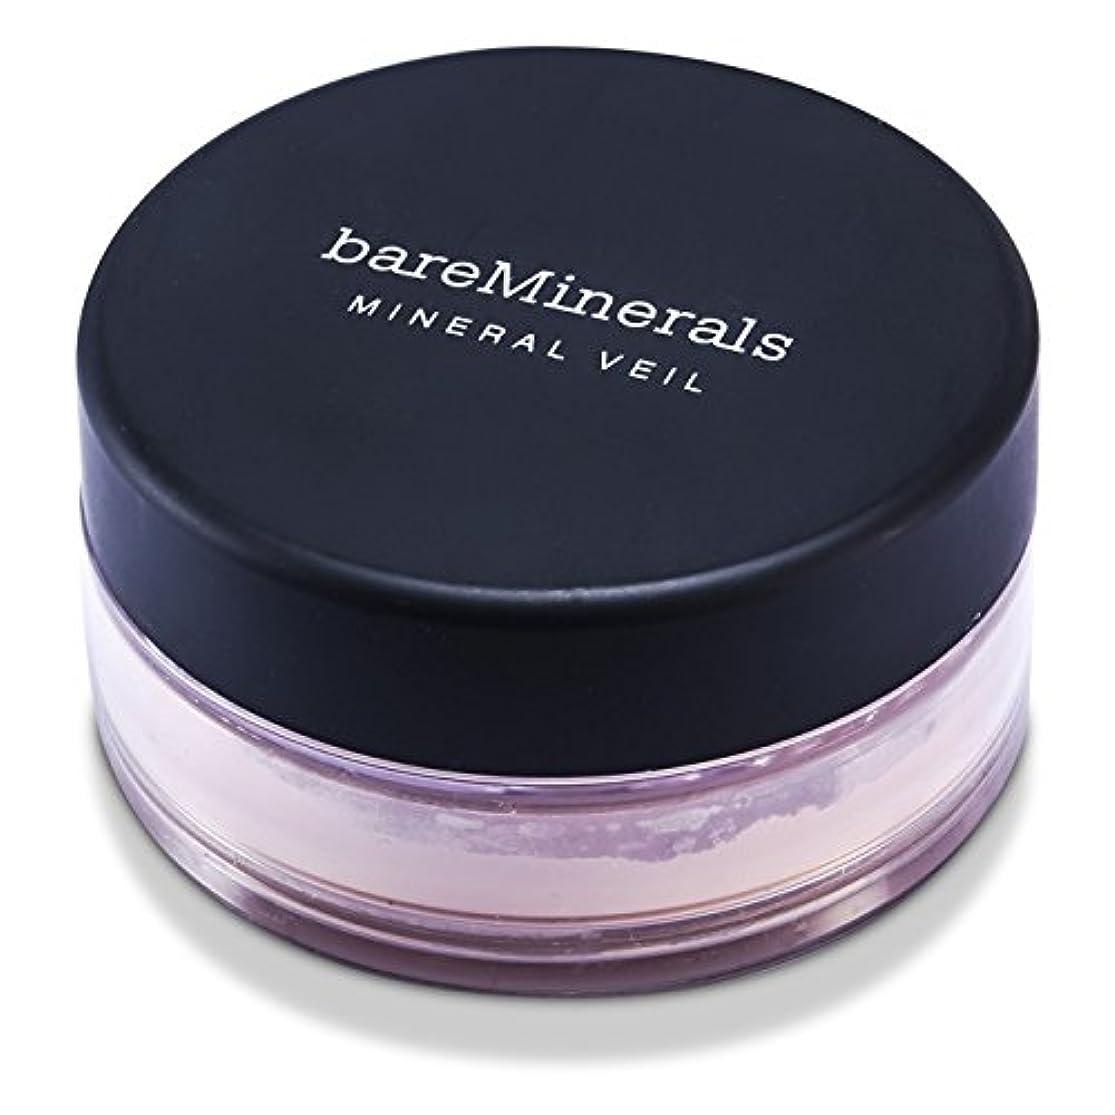 ちょうつがいパネルレーニン主義ベアミネラル i.d. ミネラルヴェイル - Mineral Veil 9g/0.3oz並行輸入品